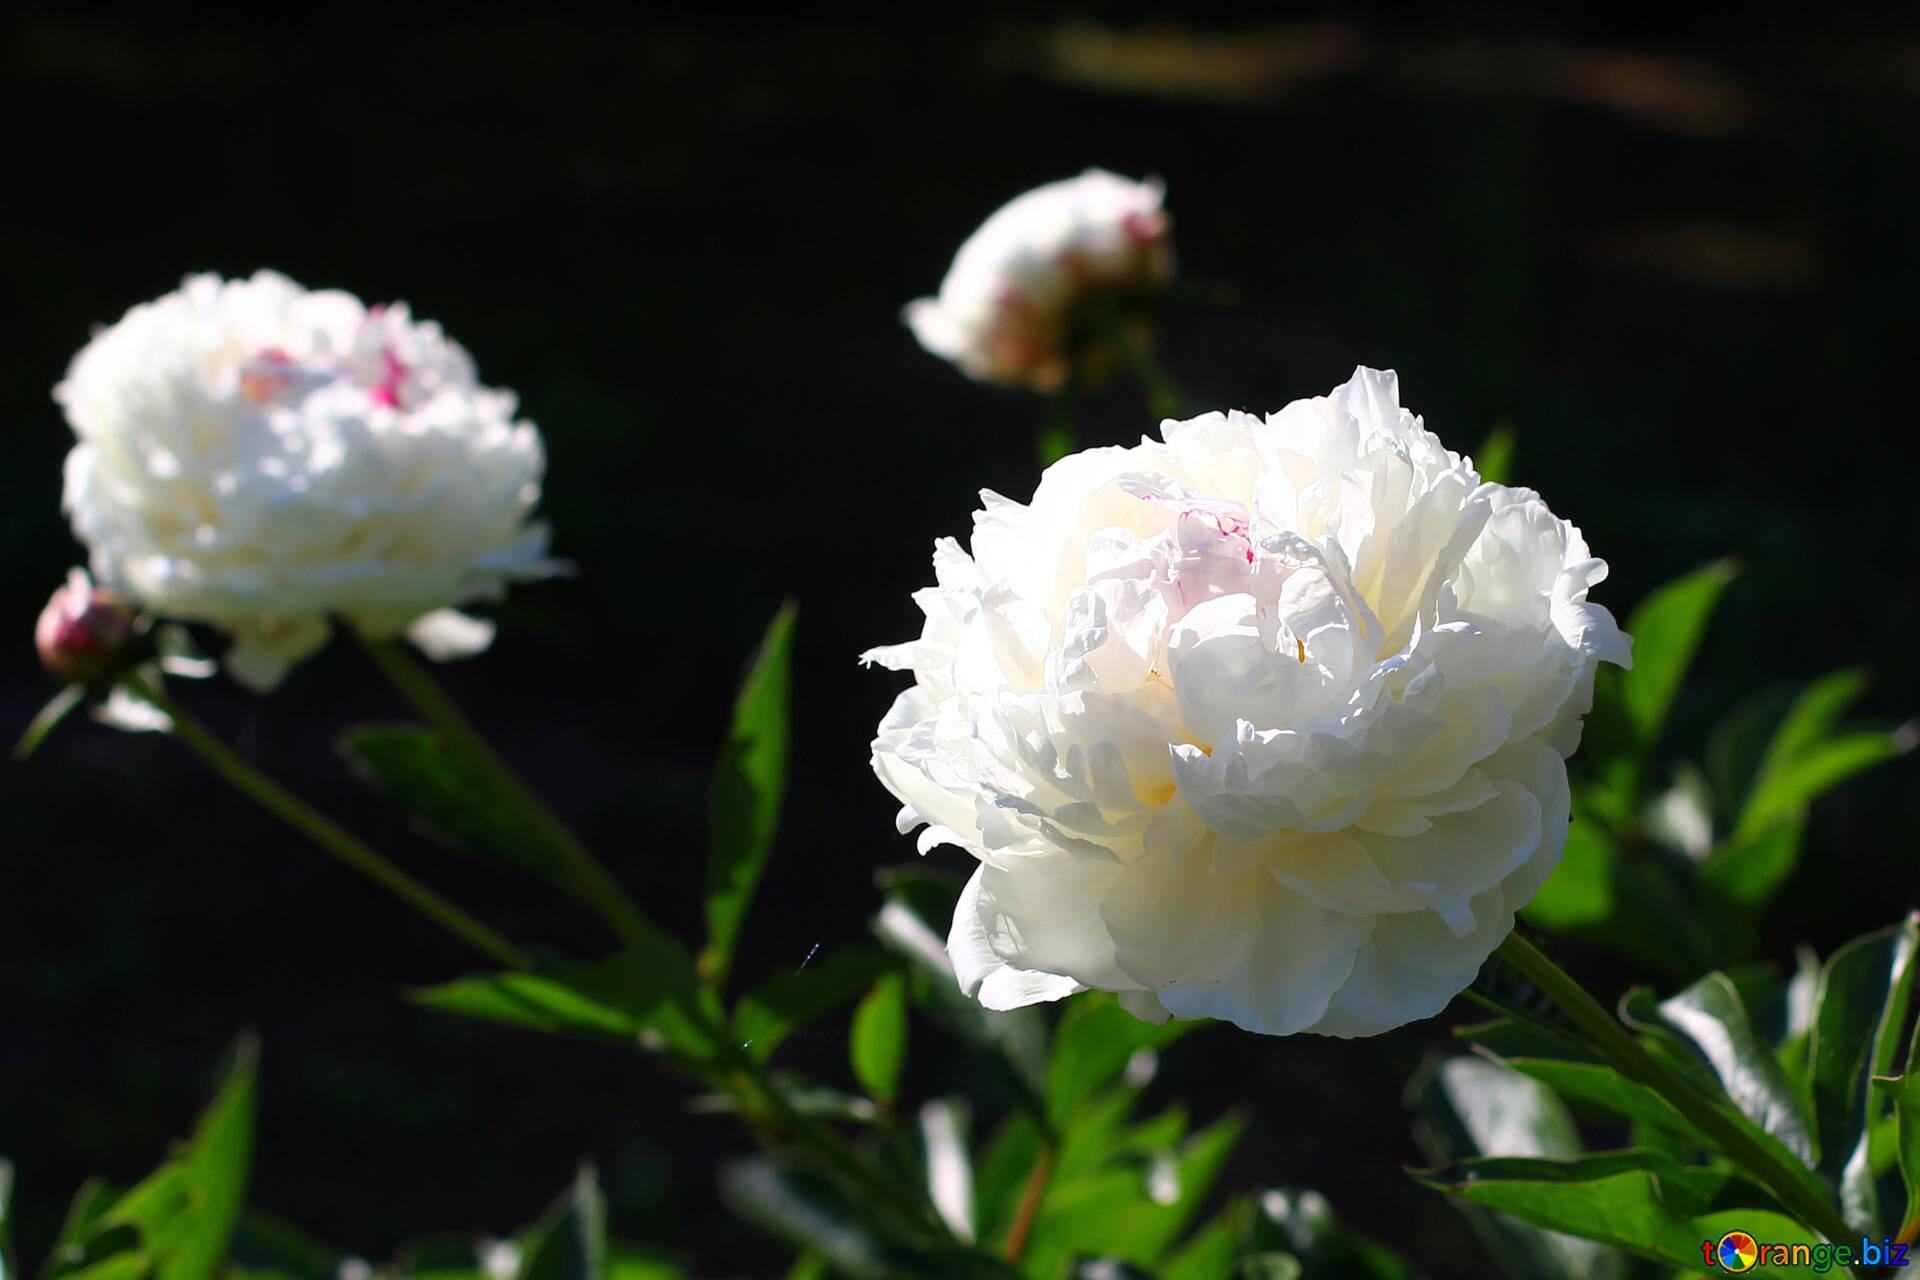 Flowers Peonies Flowers White Peonies Village 32640